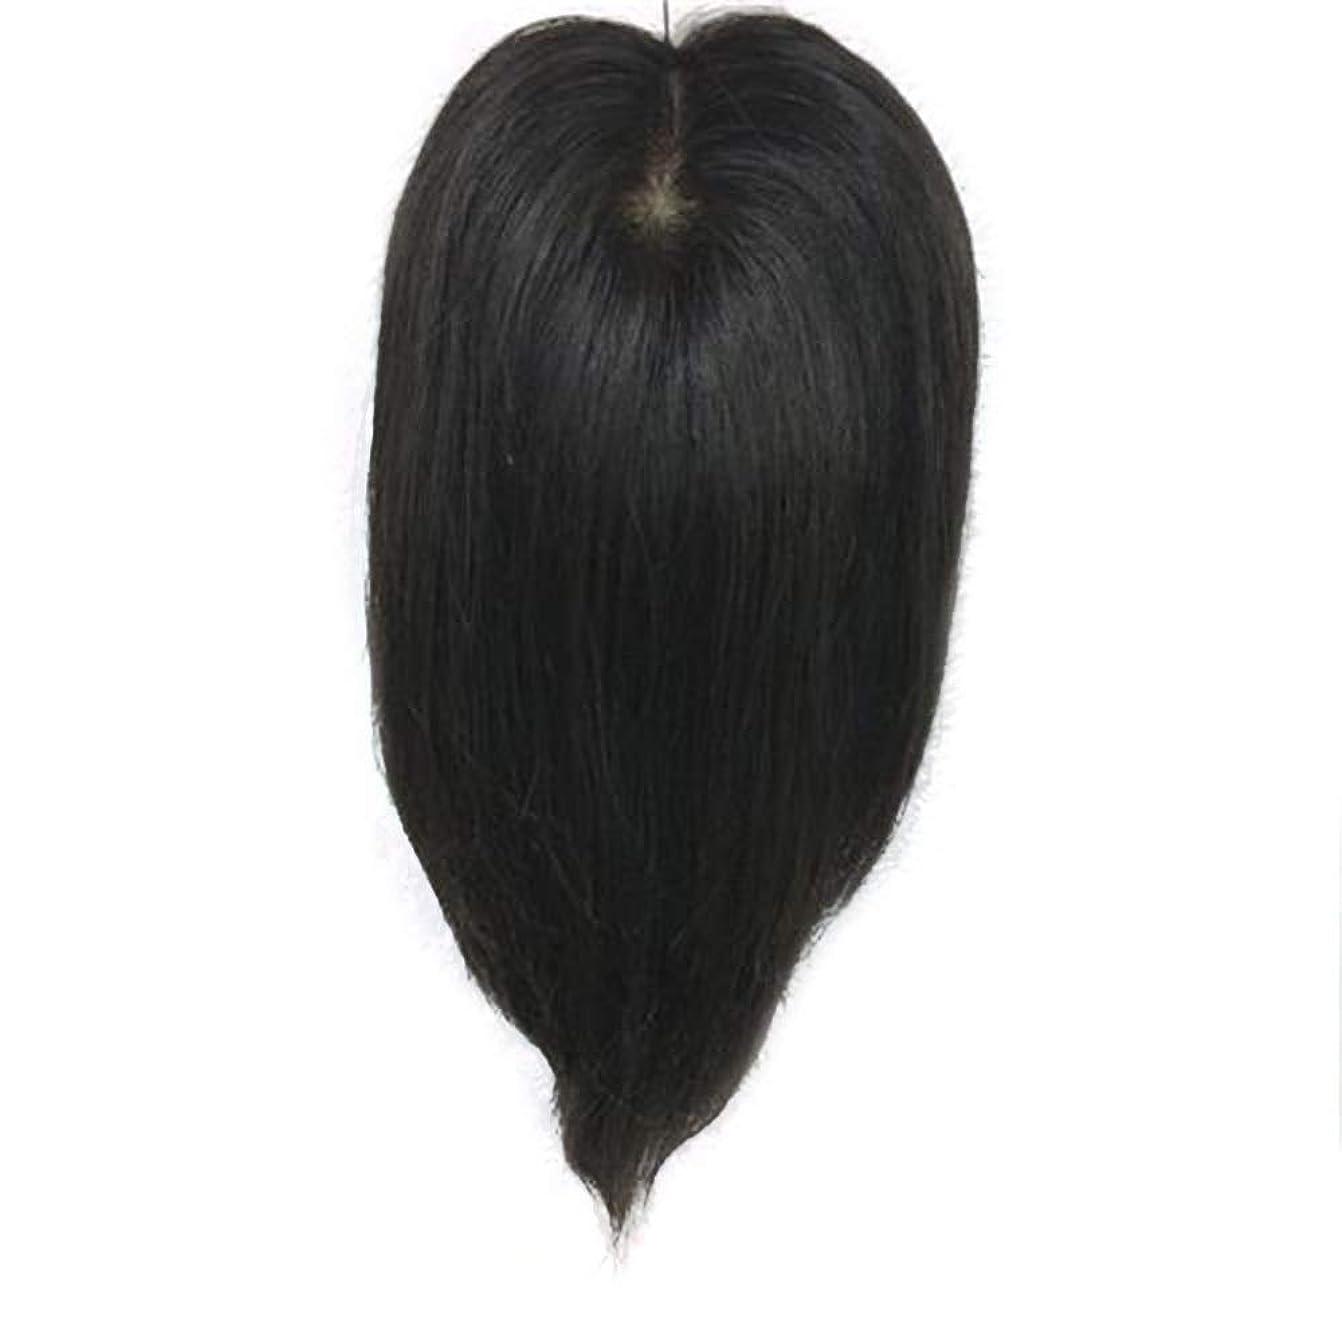 威する予算一族BOBIDYEE 女性の手織りニットウィッグロングストレートヘアクリップリアルヘアエクステンションカバー白髪ロールプレイングウィッグキャップ (色 : Natural black, サイズ : 30cm)